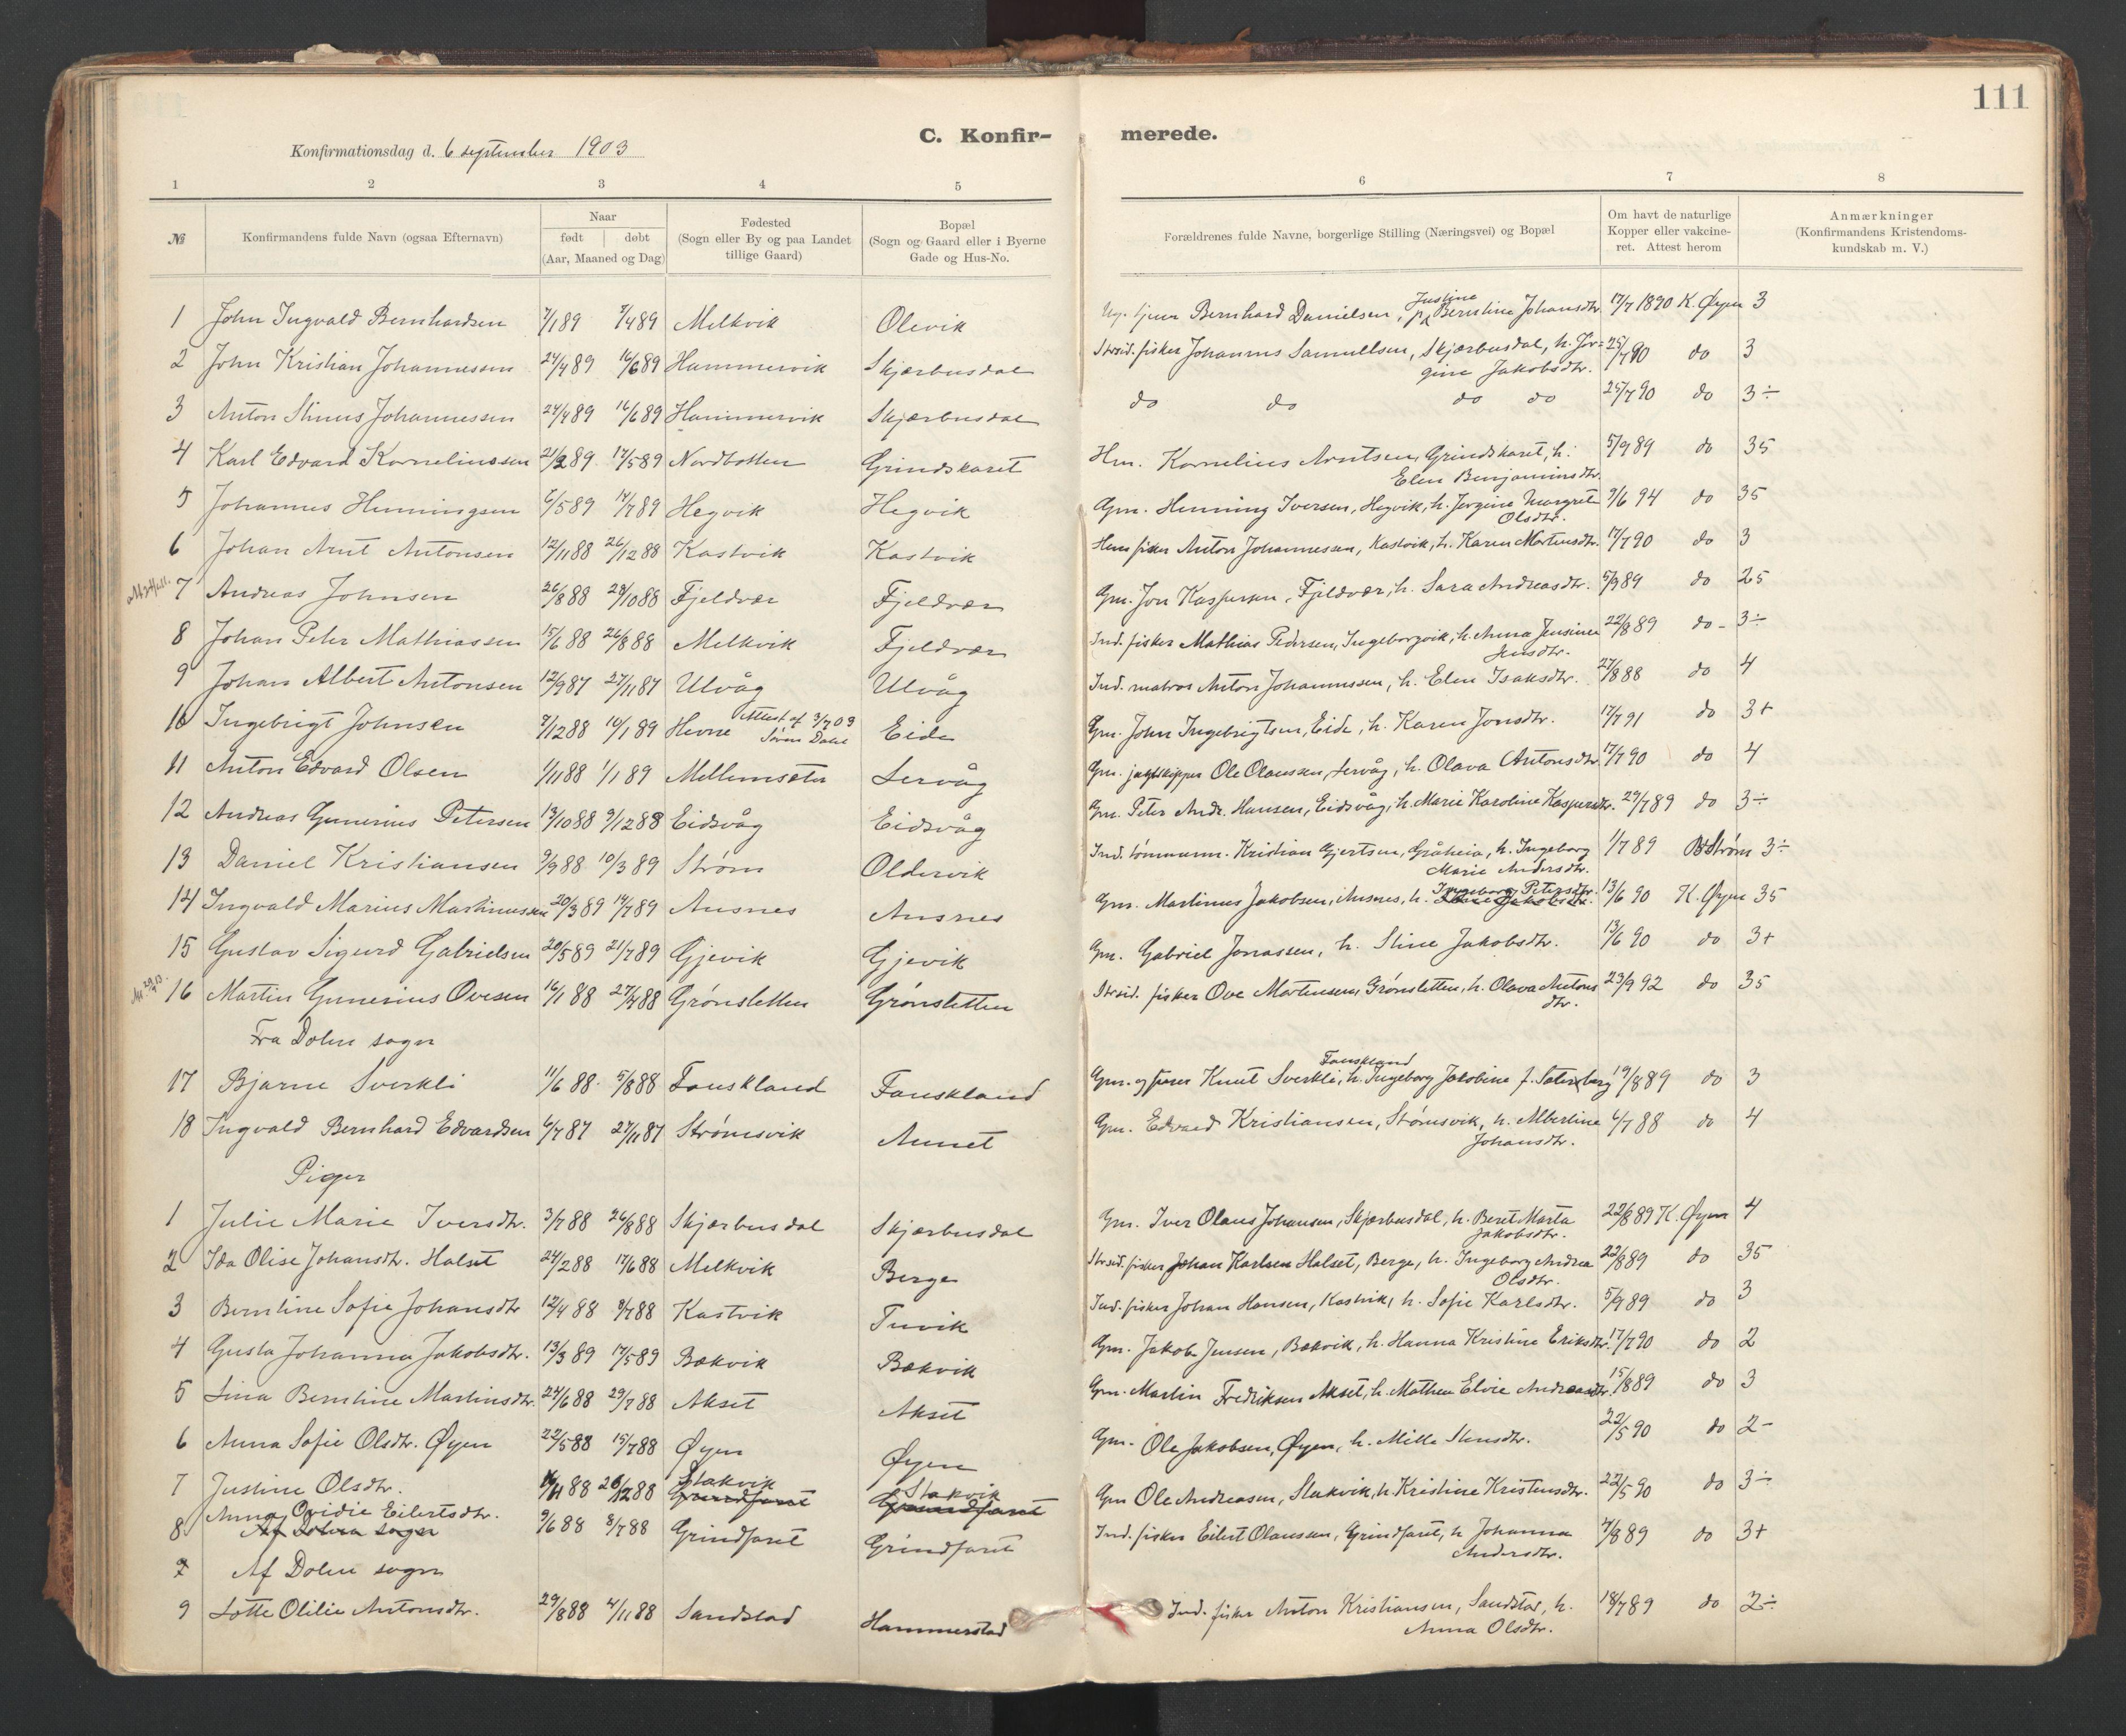 SAT, Ministerialprotokoller, klokkerbøker og fødselsregistre - Sør-Trøndelag, 637/L0559: Ministerialbok nr. 637A02, 1899-1923, s. 111